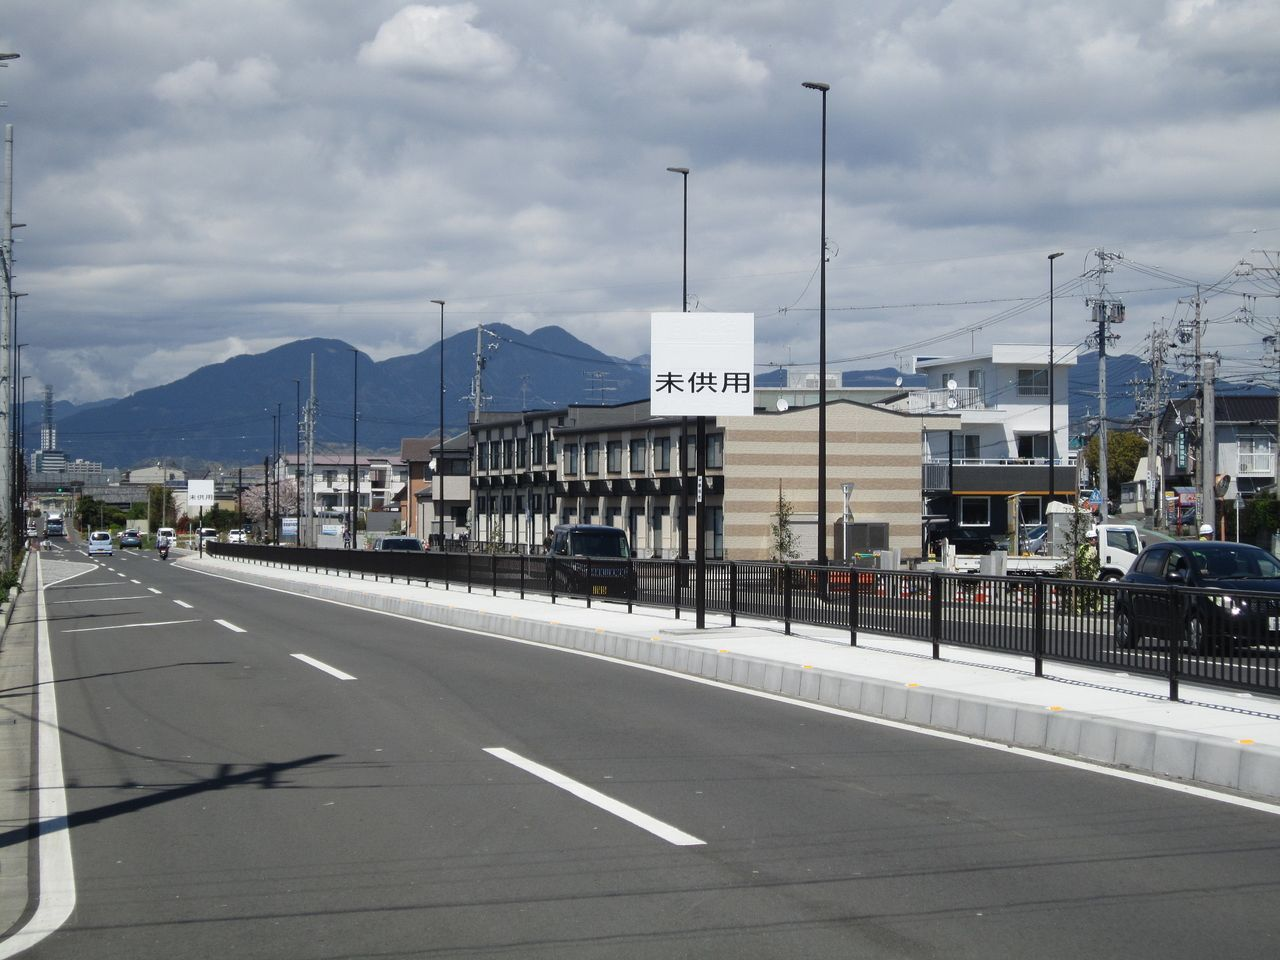 静岡市に静岡東スマートインターで使用する看板が未供用でたてられました。